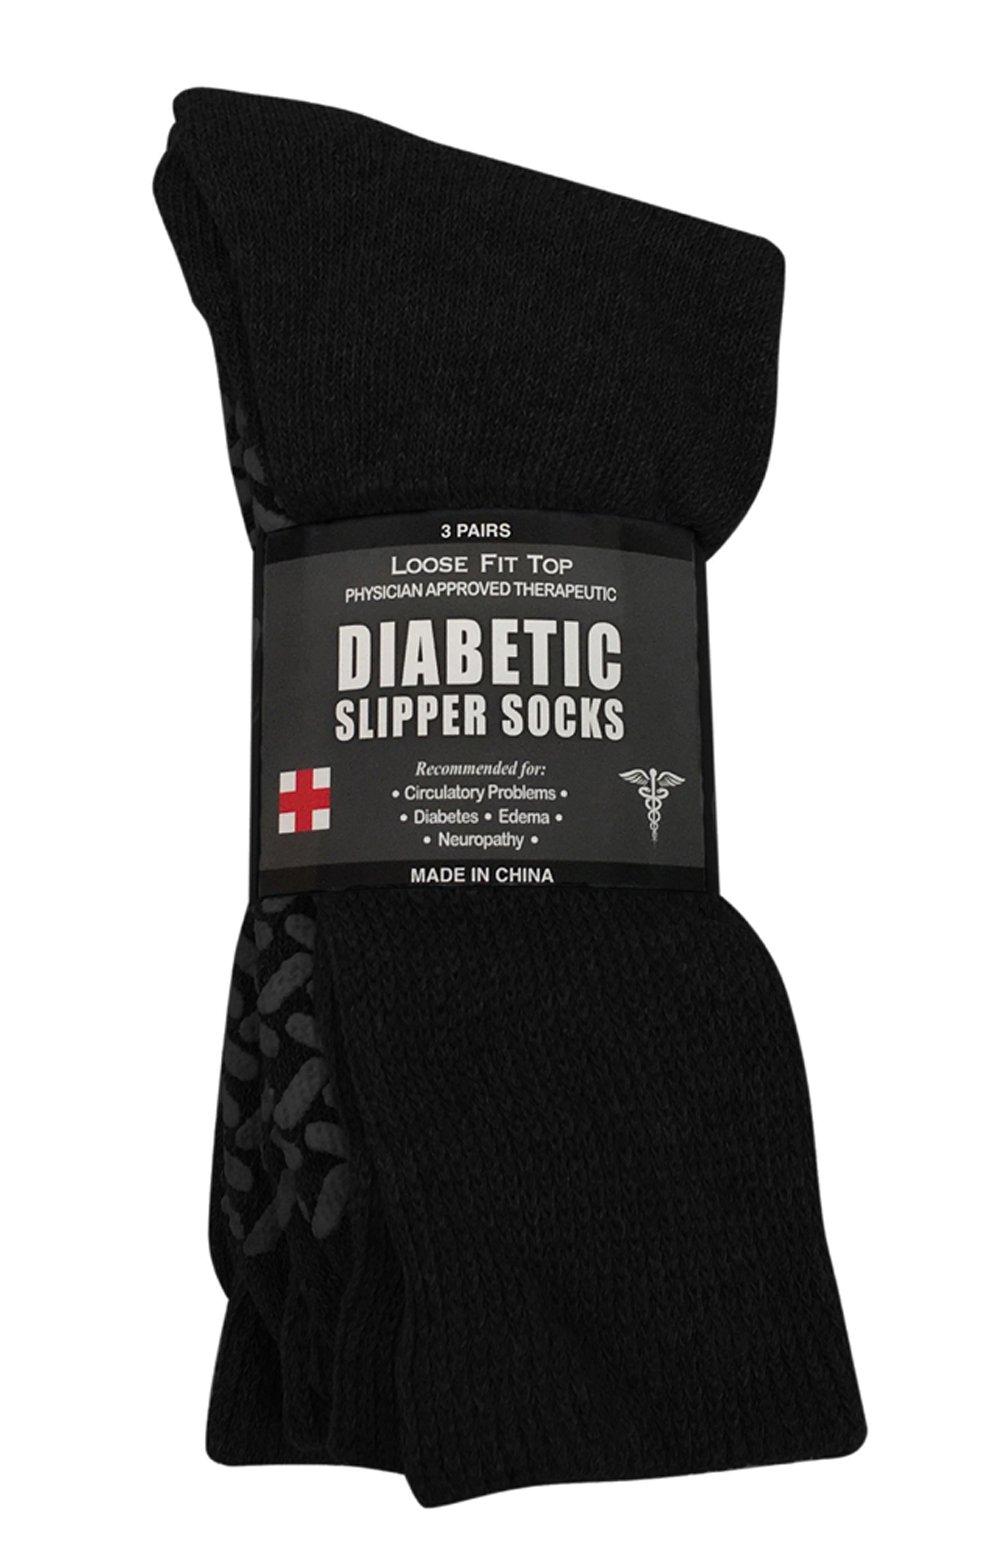 Diabetic Socks Unisex- Non Skid Hospital Loose Fitting Slipper Socks with Gripper Bottoms - 12 Pack Savings - Gripper Socks (Size 10-13 Black)